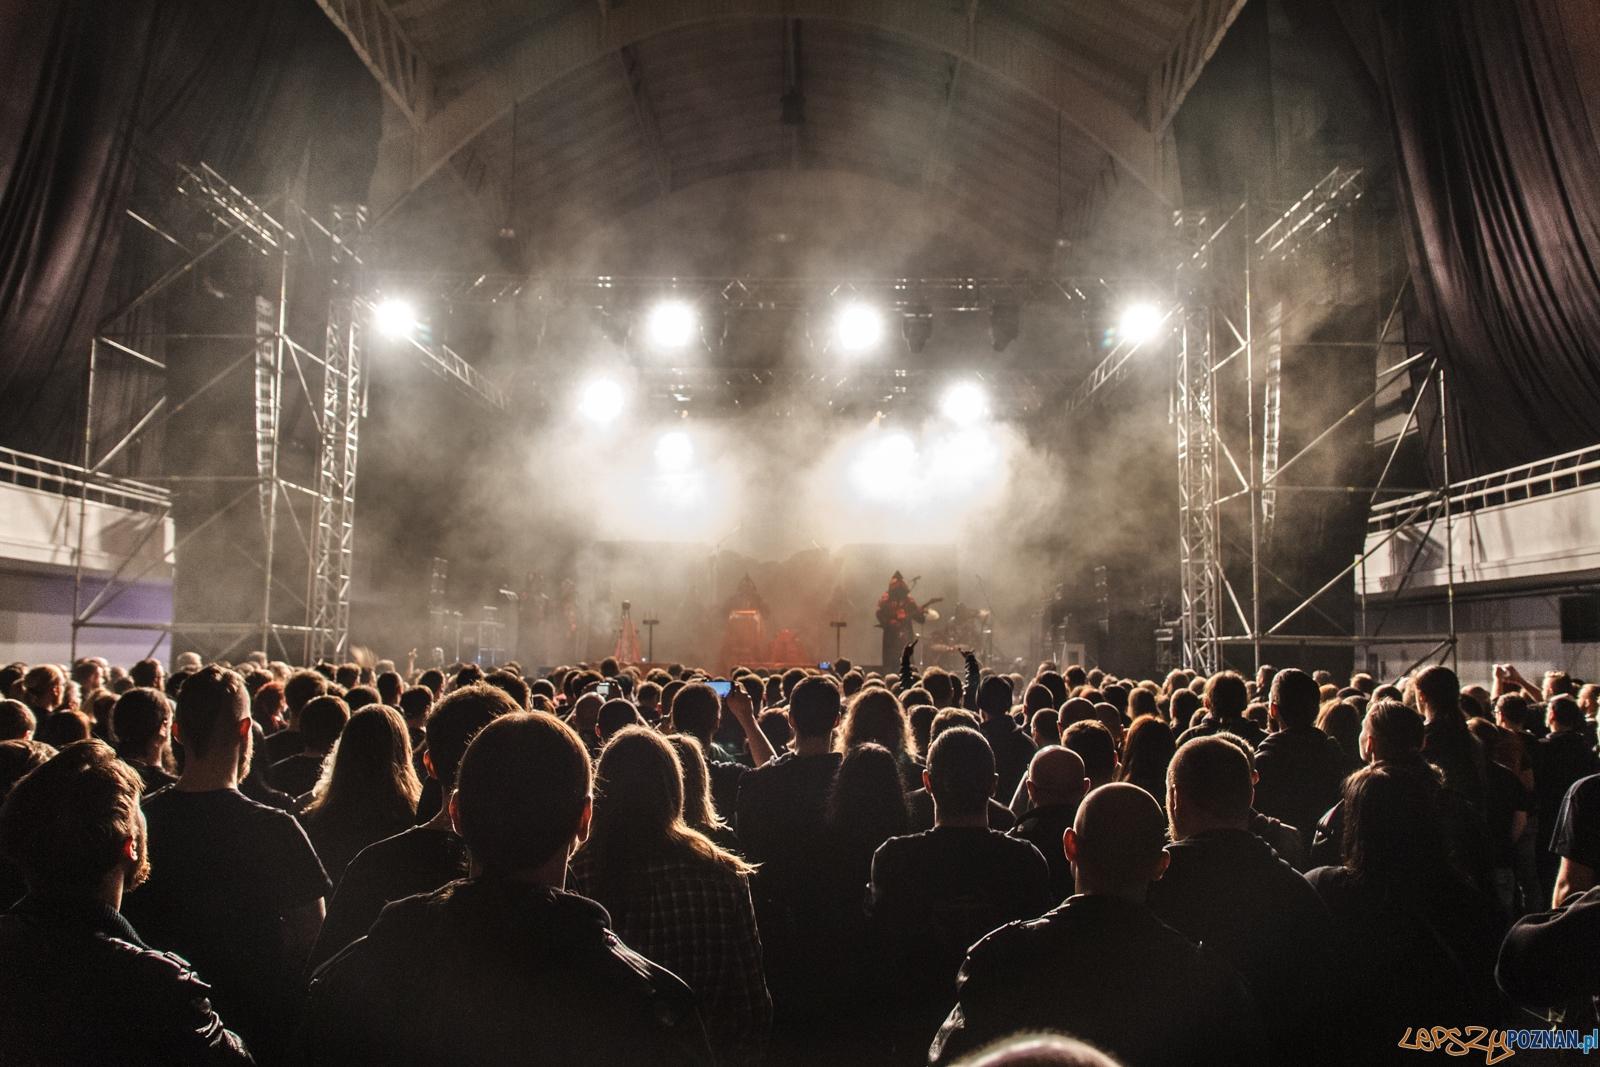 Koncert zespołu Behemoth - support Batushka -  MTP2 - Poznań 1  Foto: LepszyPOZNAN.pl / Paweł Rychter